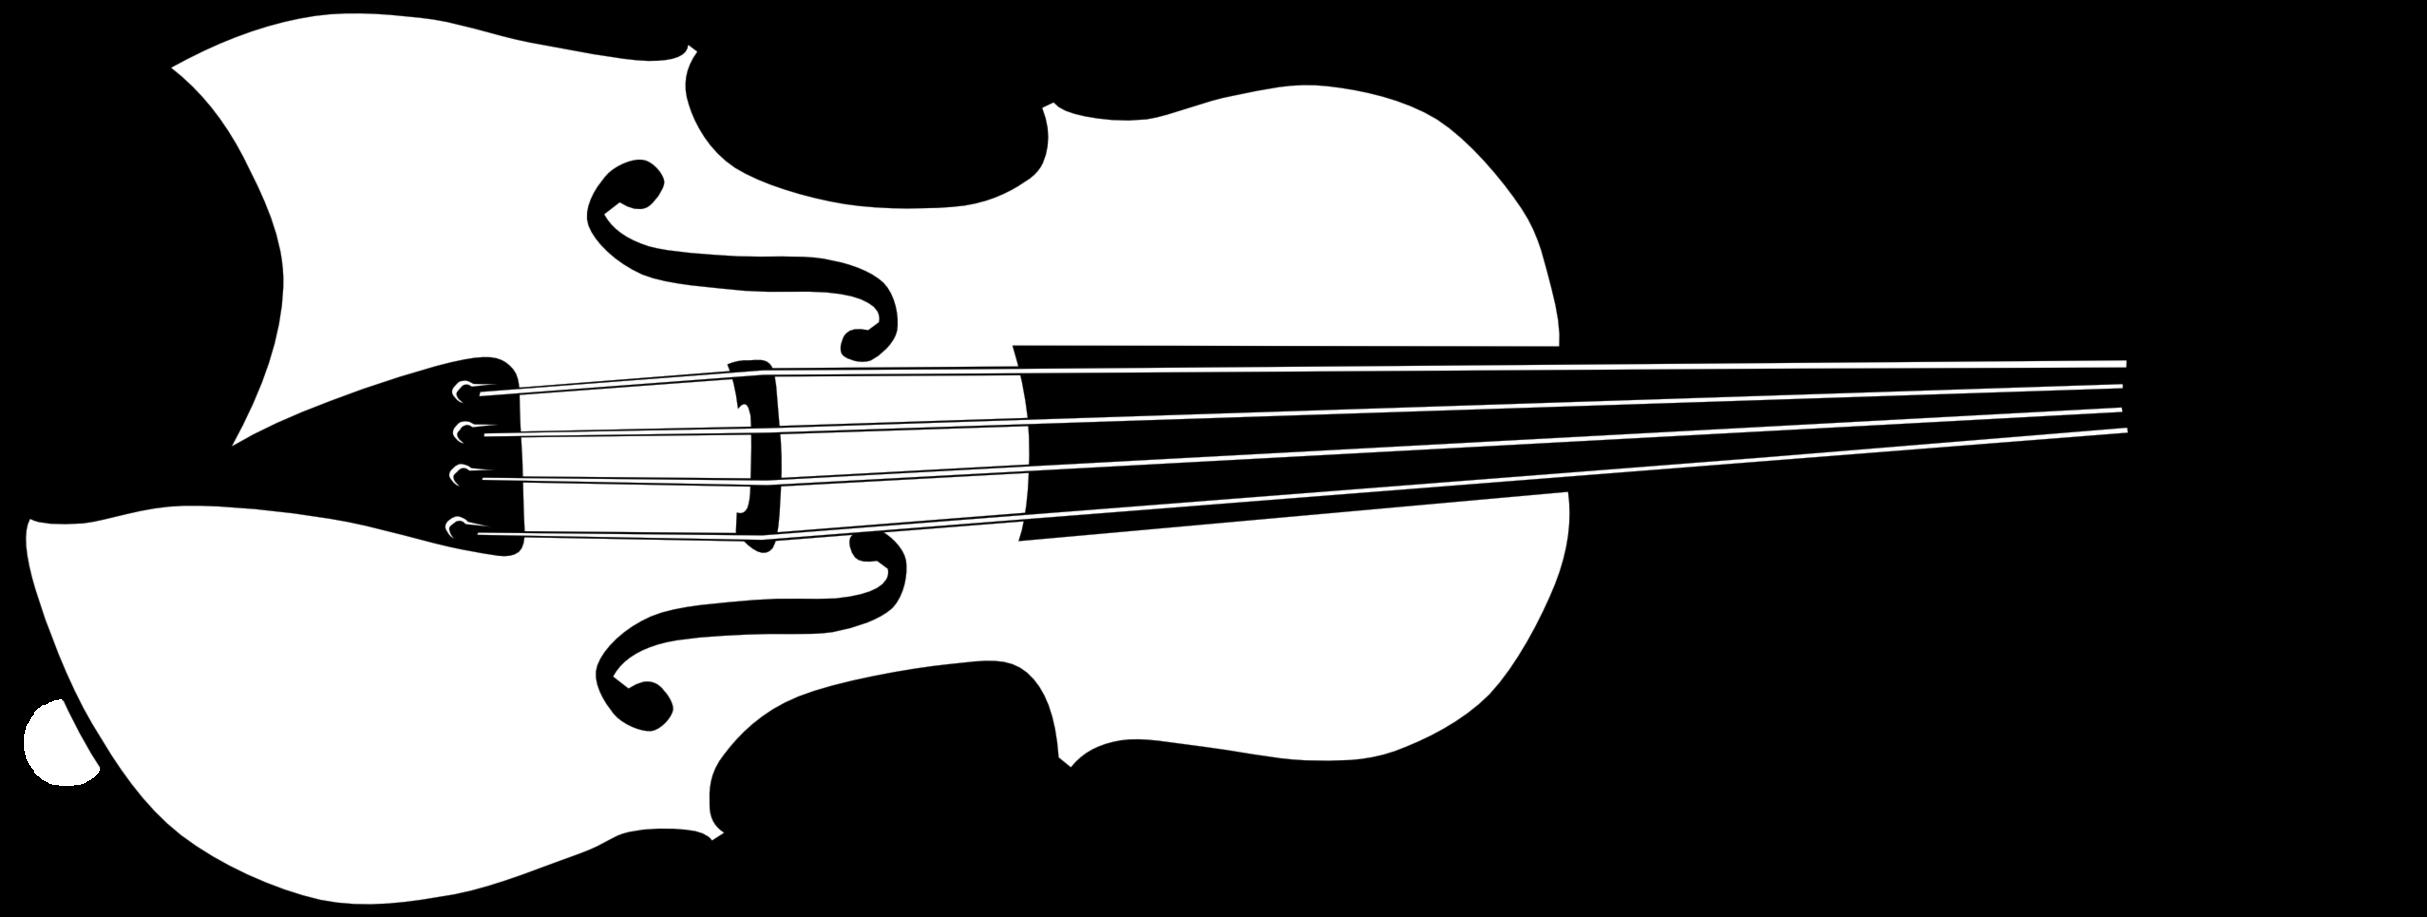 Violin Clipart Free To Use Clip Art Reso-Violin clipart free to use clip art resource-14